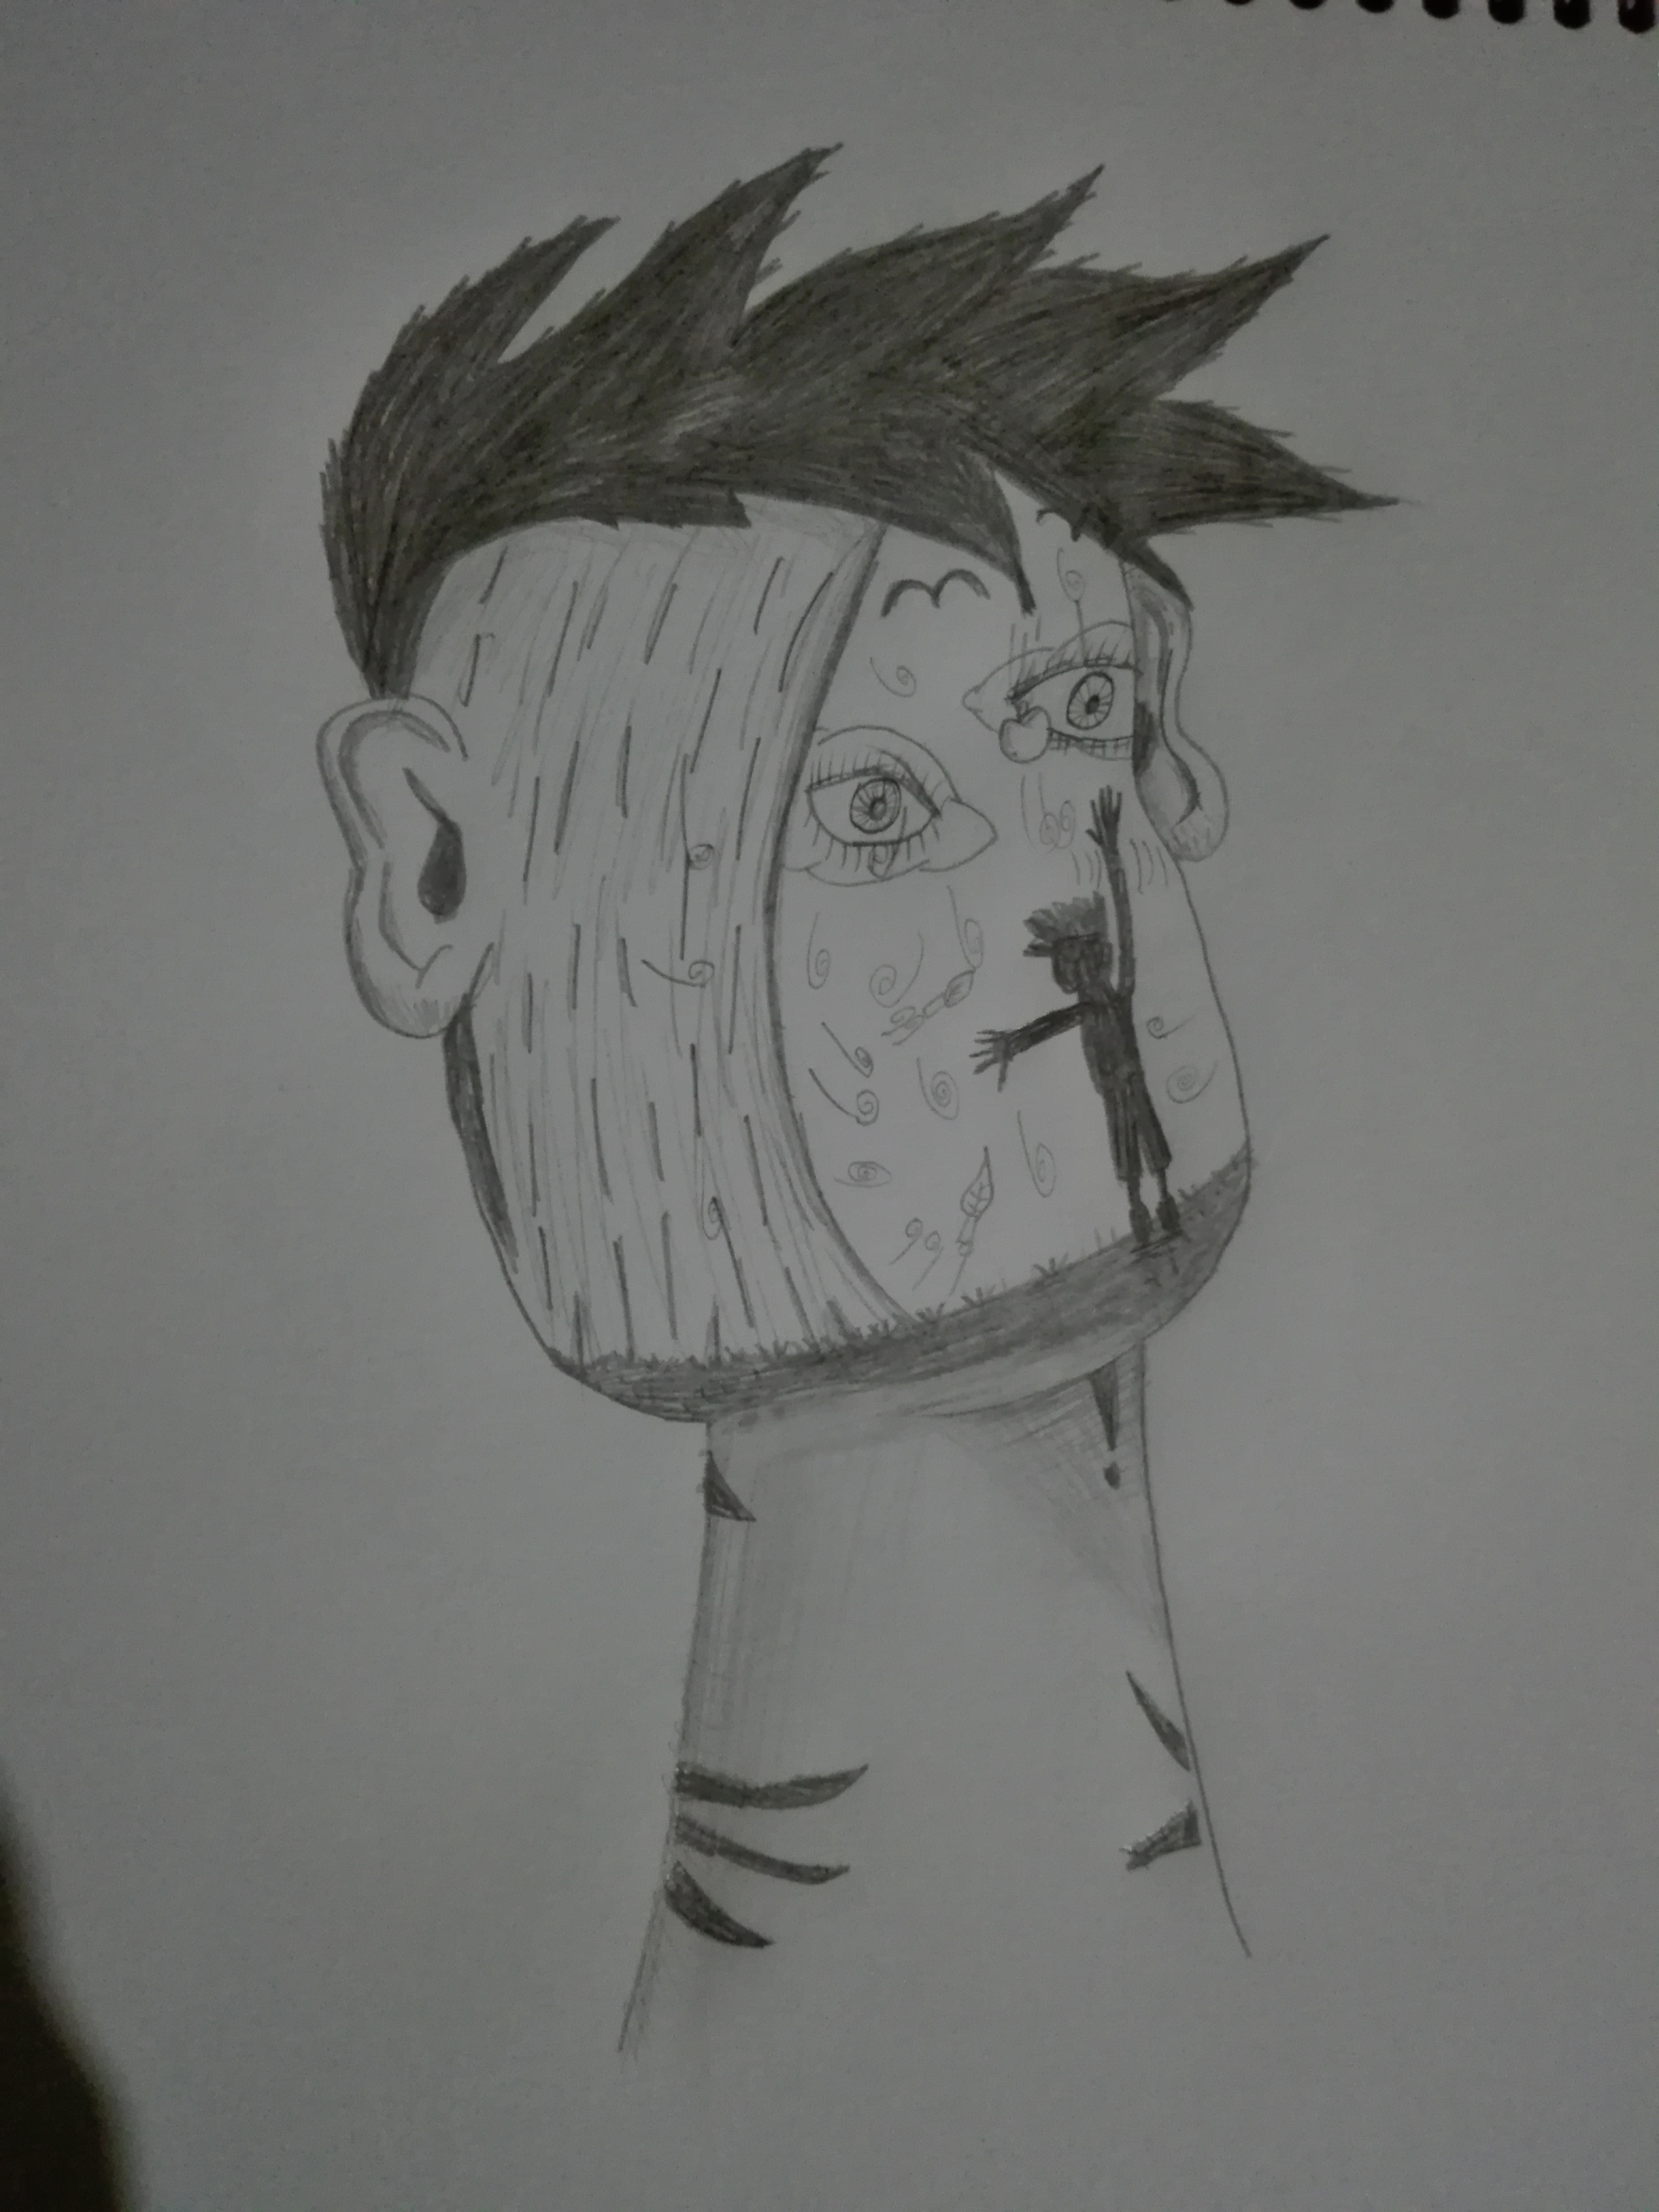 La cara inspirada